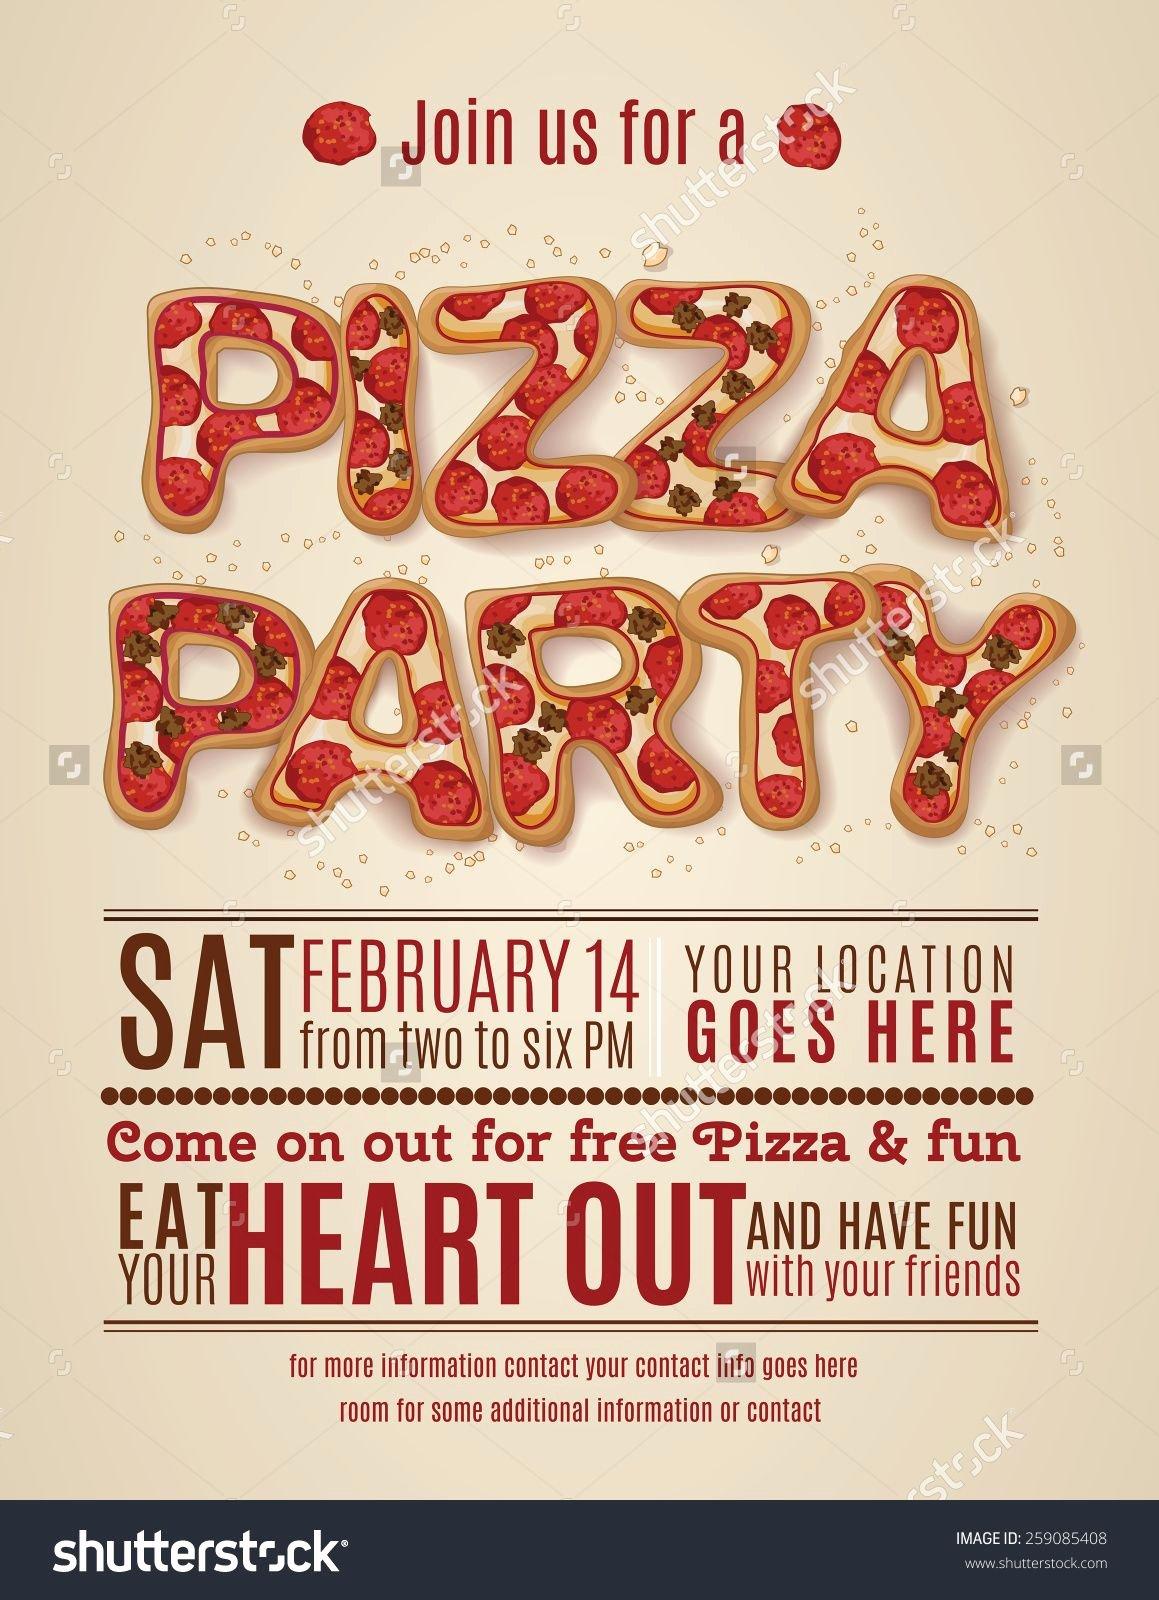 Pizza Party Invite Template Elegant Pizza Party Invitation Template Free Invitation